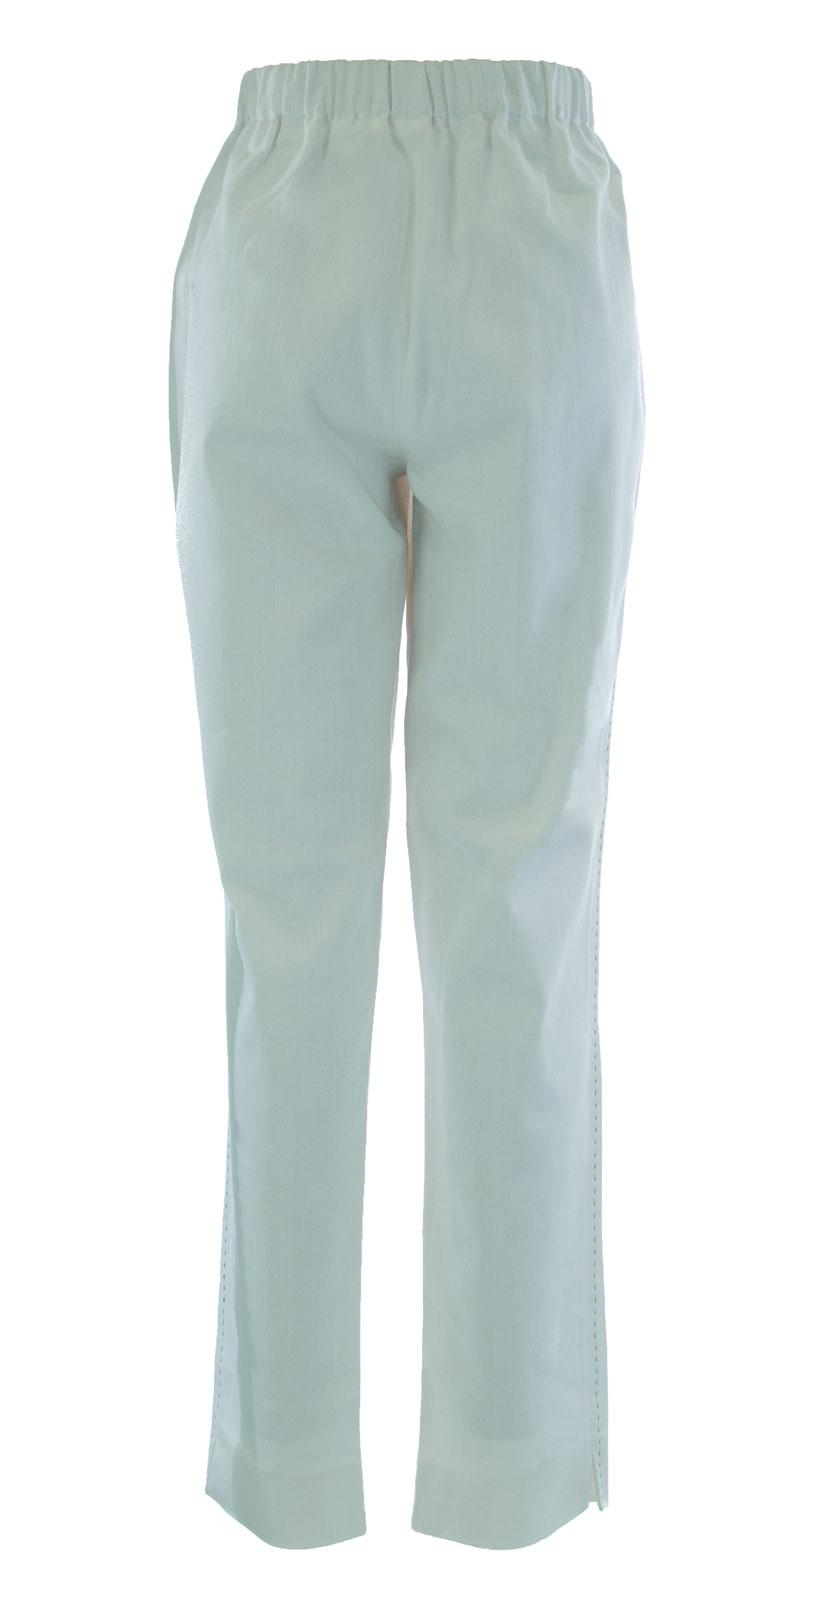 Barrali Con Bianco Maxmara Dritto Jeans Taglio Da Etichetta Nuova Marina Rinaldi wzq1xtPZ